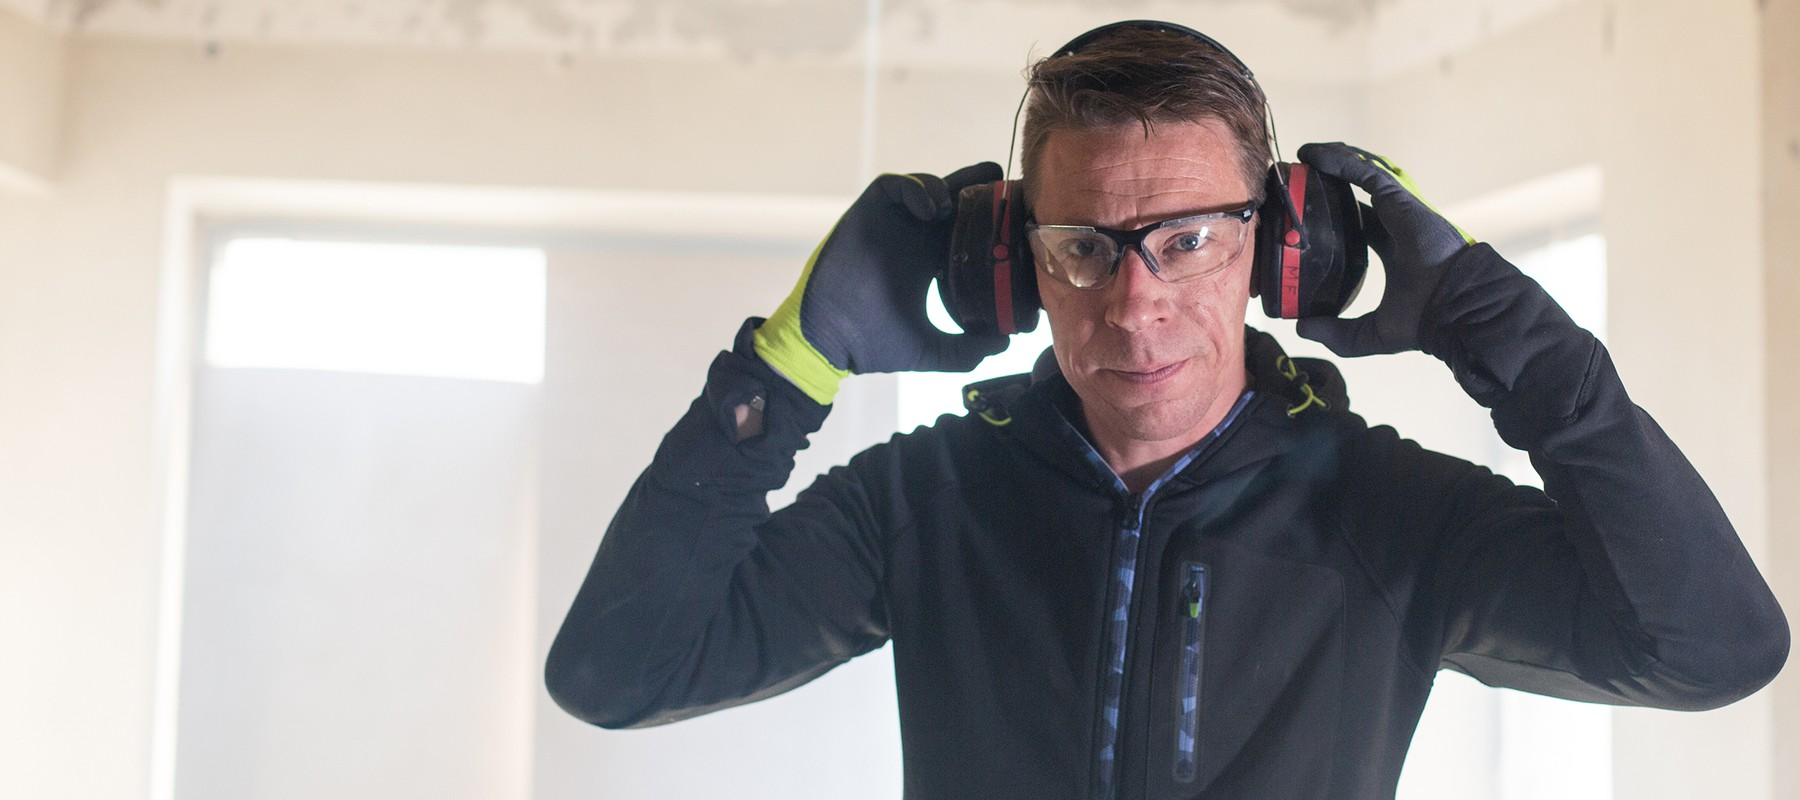 Gehoorschade voorkomen: Drie keer goede gehoorbescherming